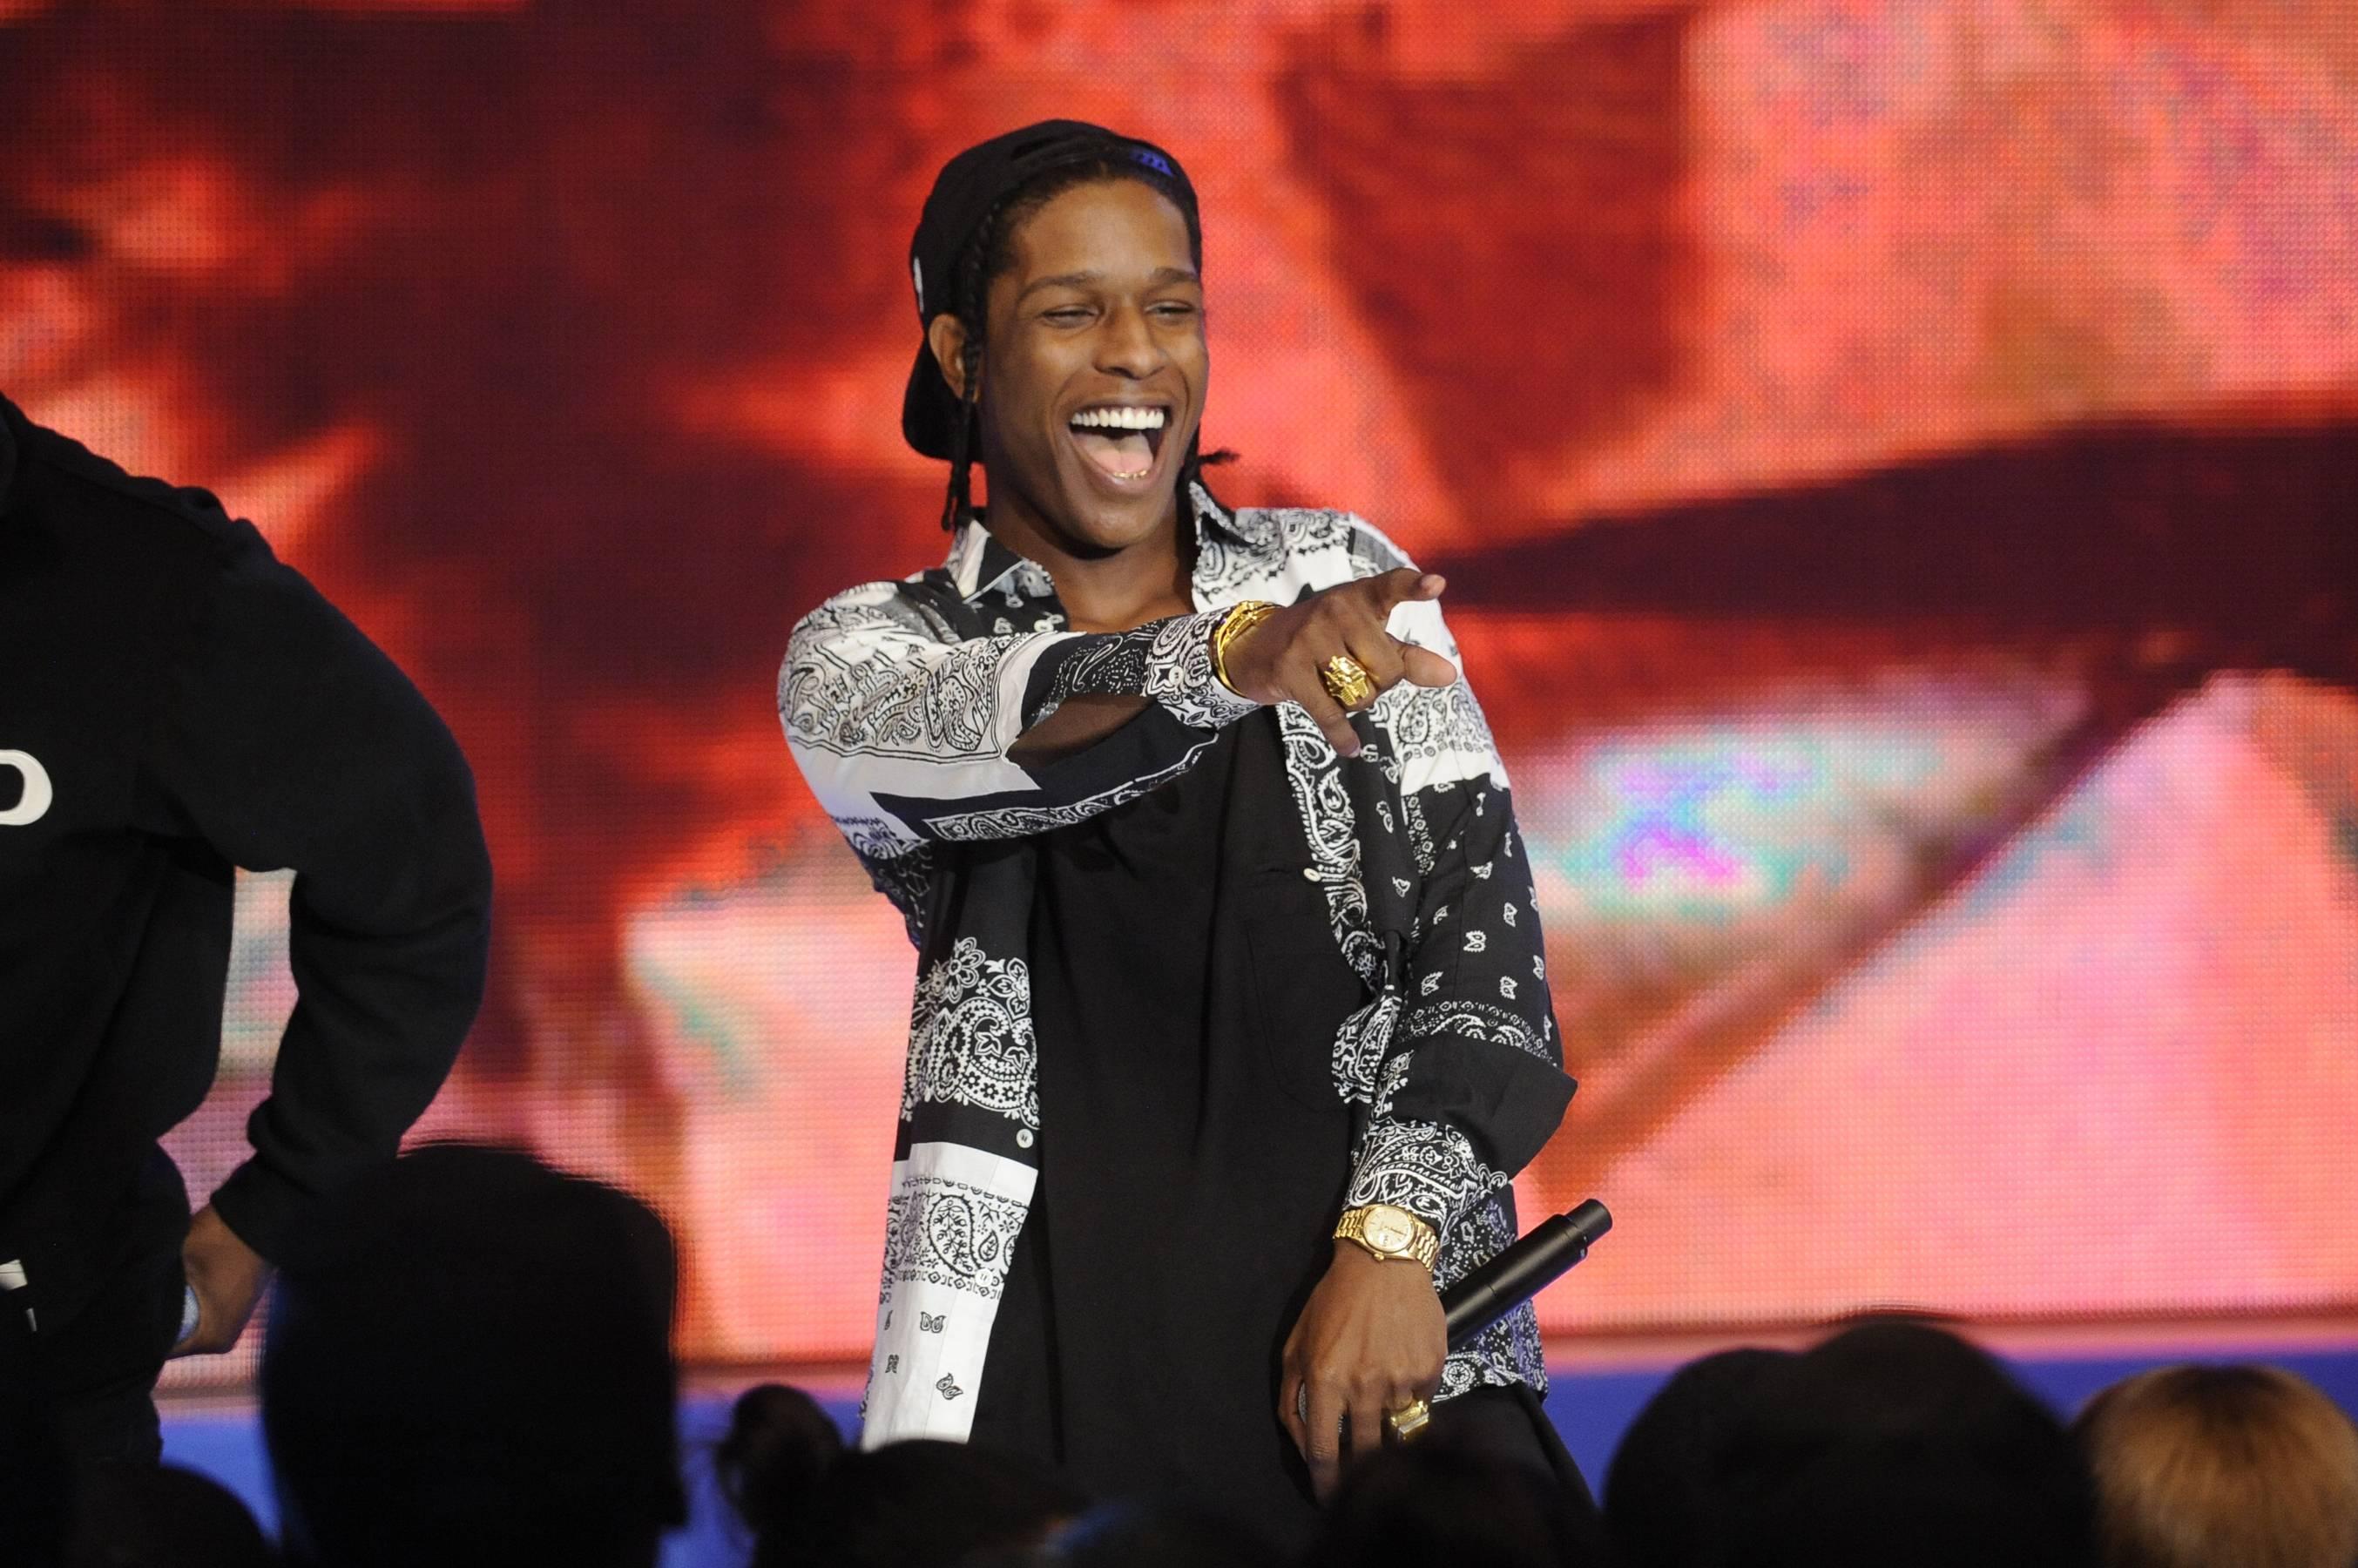 """A$AP Performing """"Pe$o"""" - A$AP Rocky performs """"Peso"""" at 106 & Park, May 22, 2012. (Photo: John Ricard / BET)"""